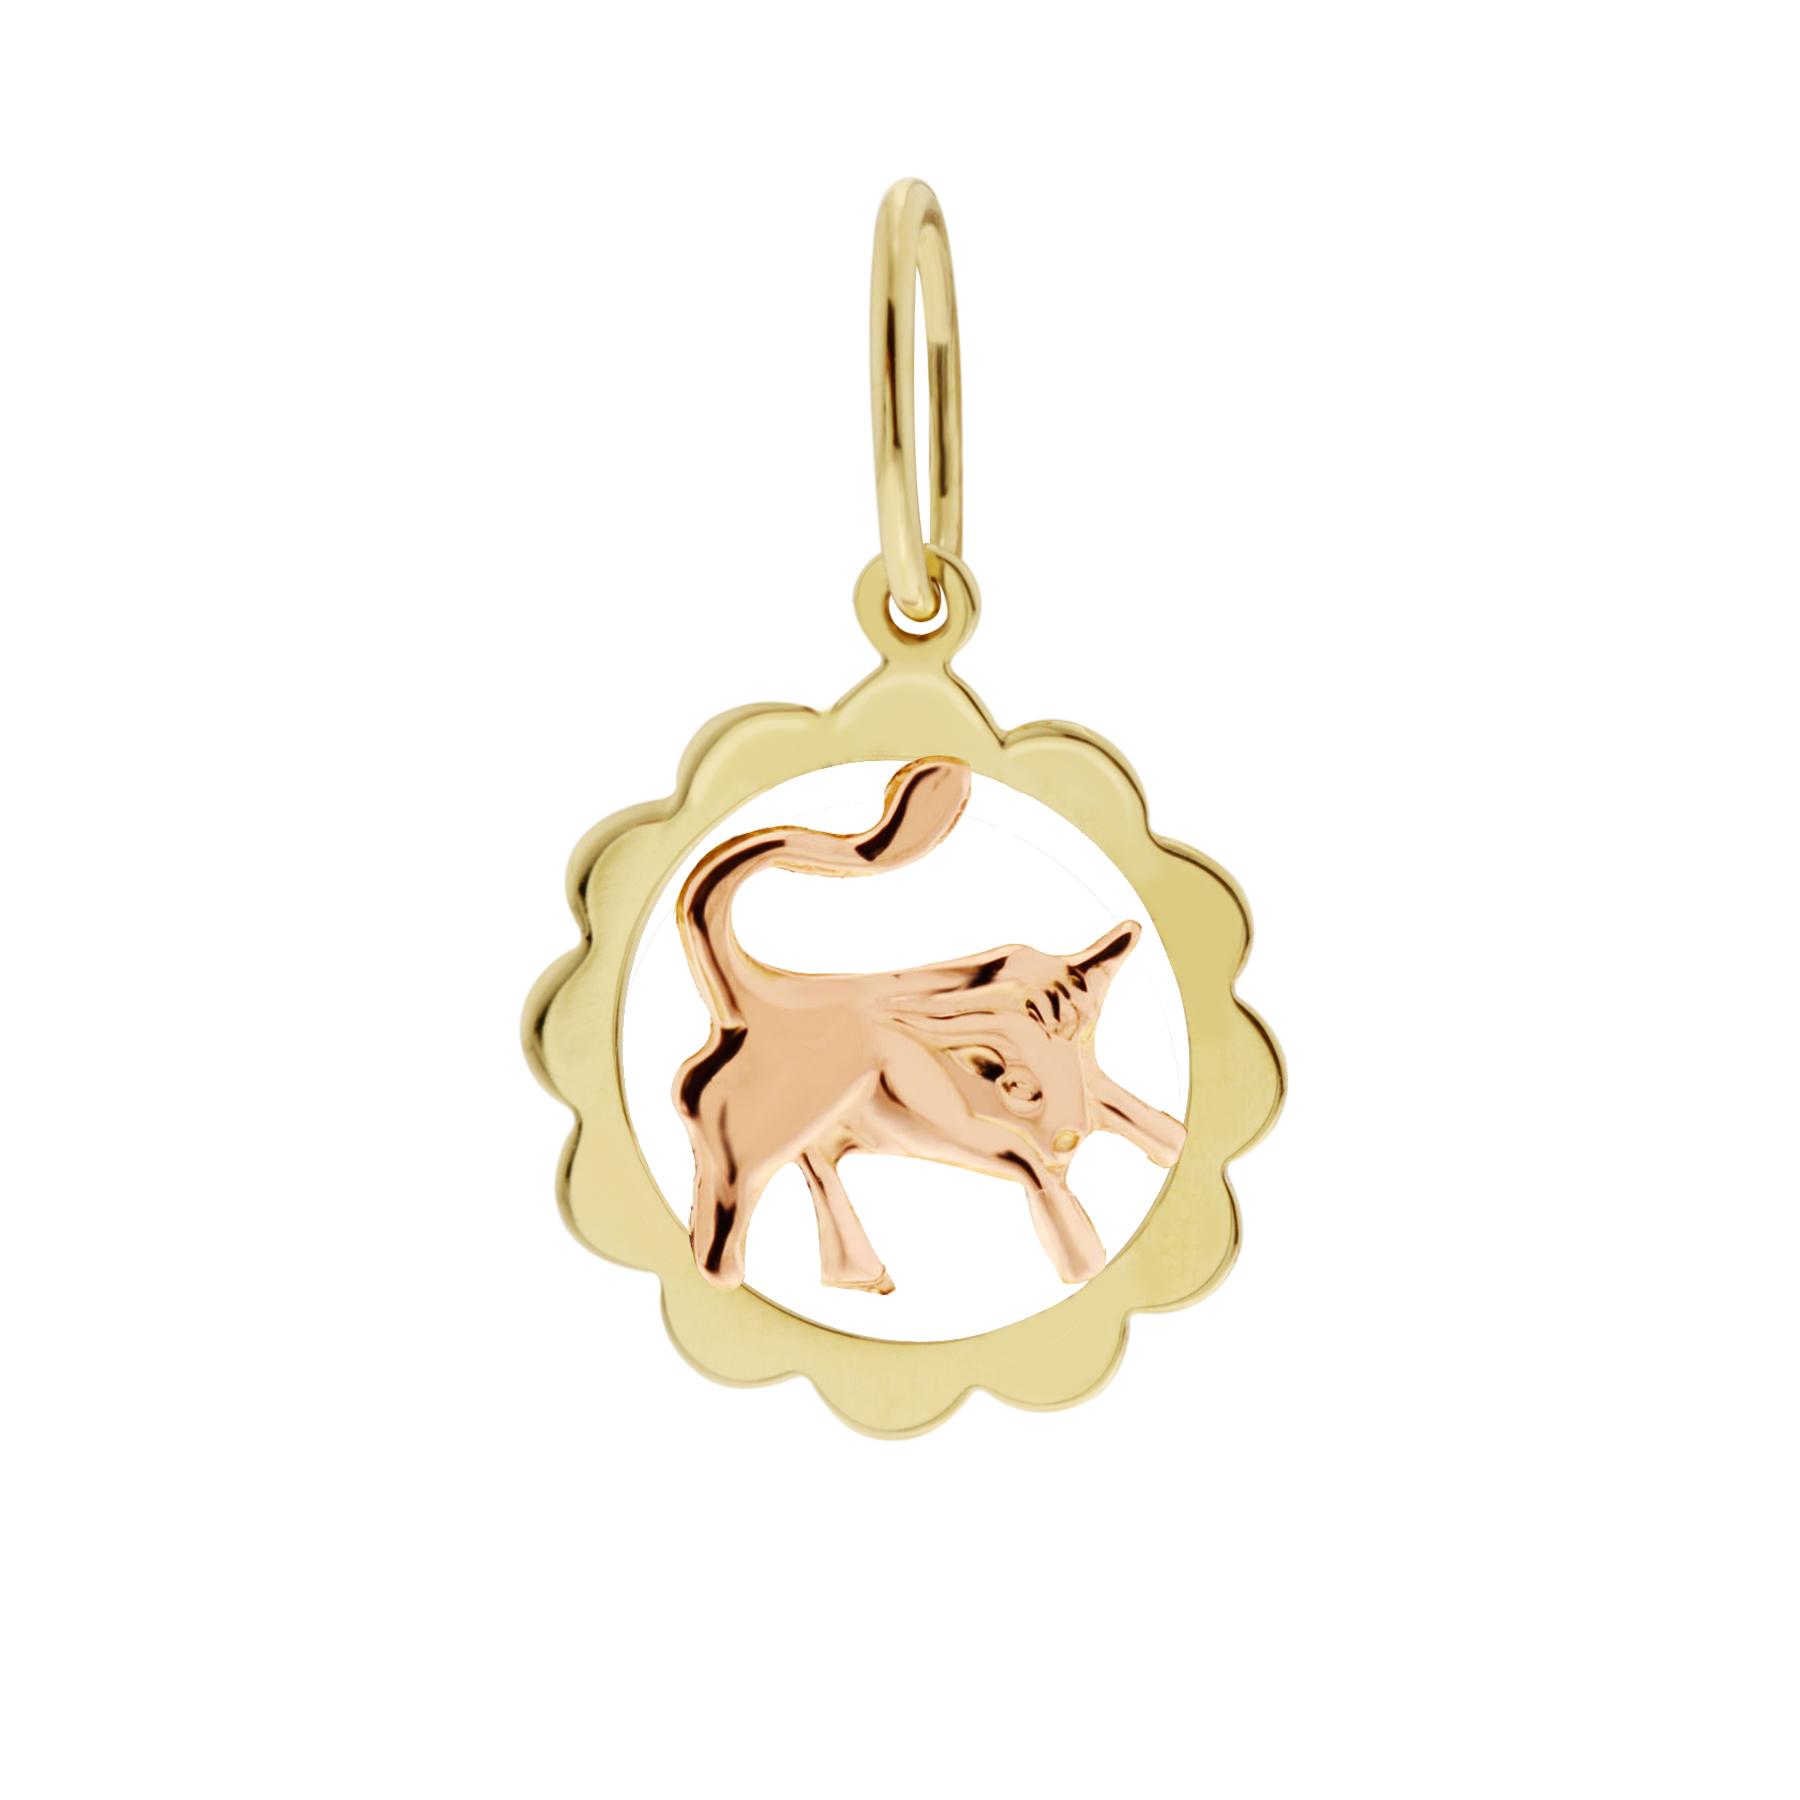 Zlatý přívěsek - znamení zvěrokruhu Býk Tvar: Kytička, hladký rámeček